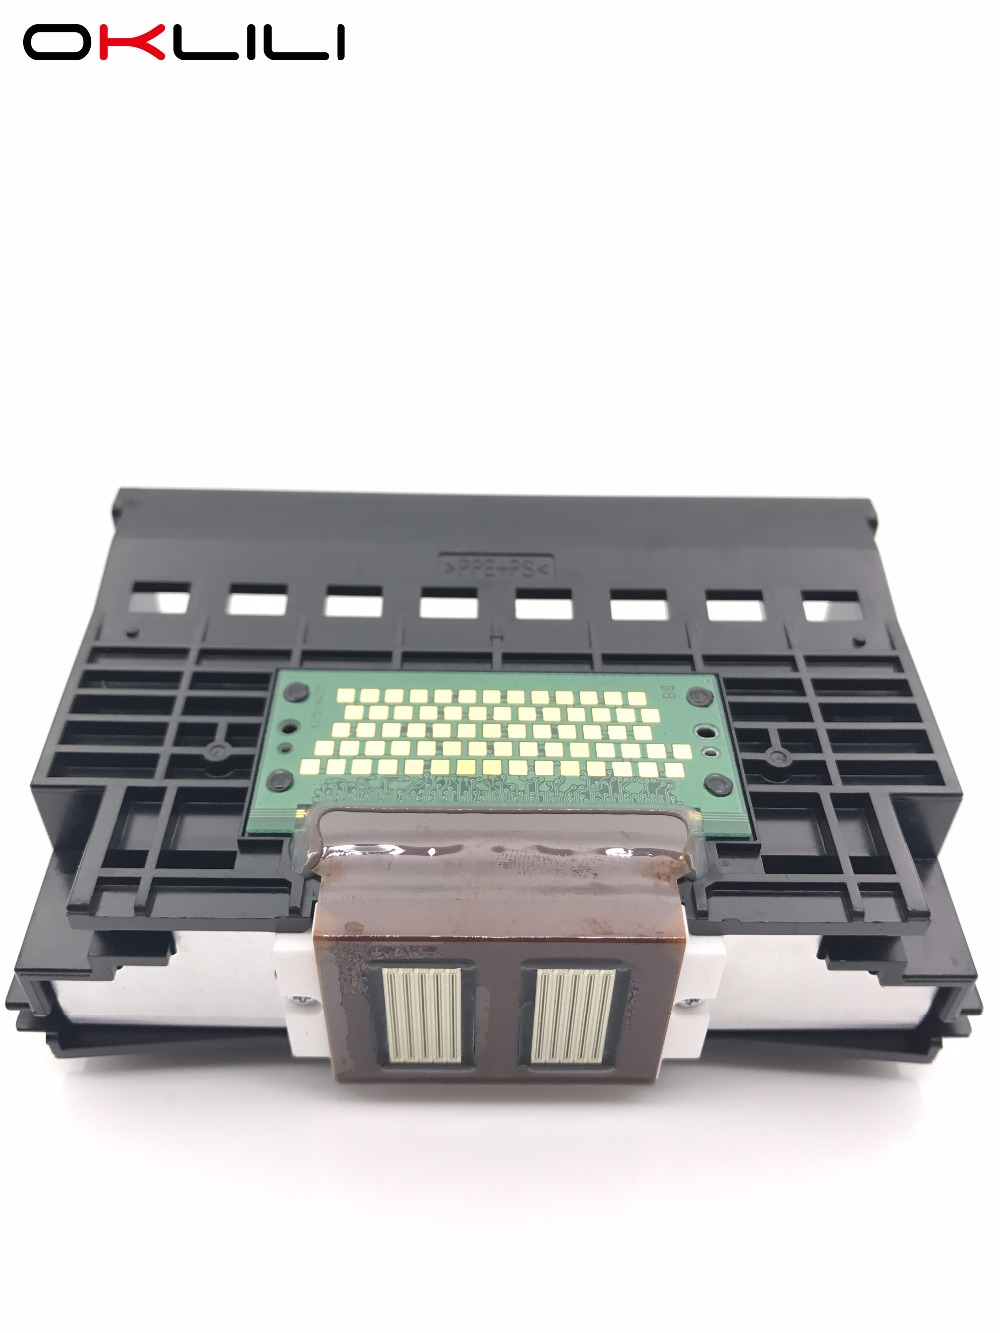 все цены на  OKLILI ORIGINAL QY6-0055 QY6-0055-000 Printhead Print Head Printer Head for Canon 9900i i9900 i9950 iP8600 iP8500 iP9100  онлайн